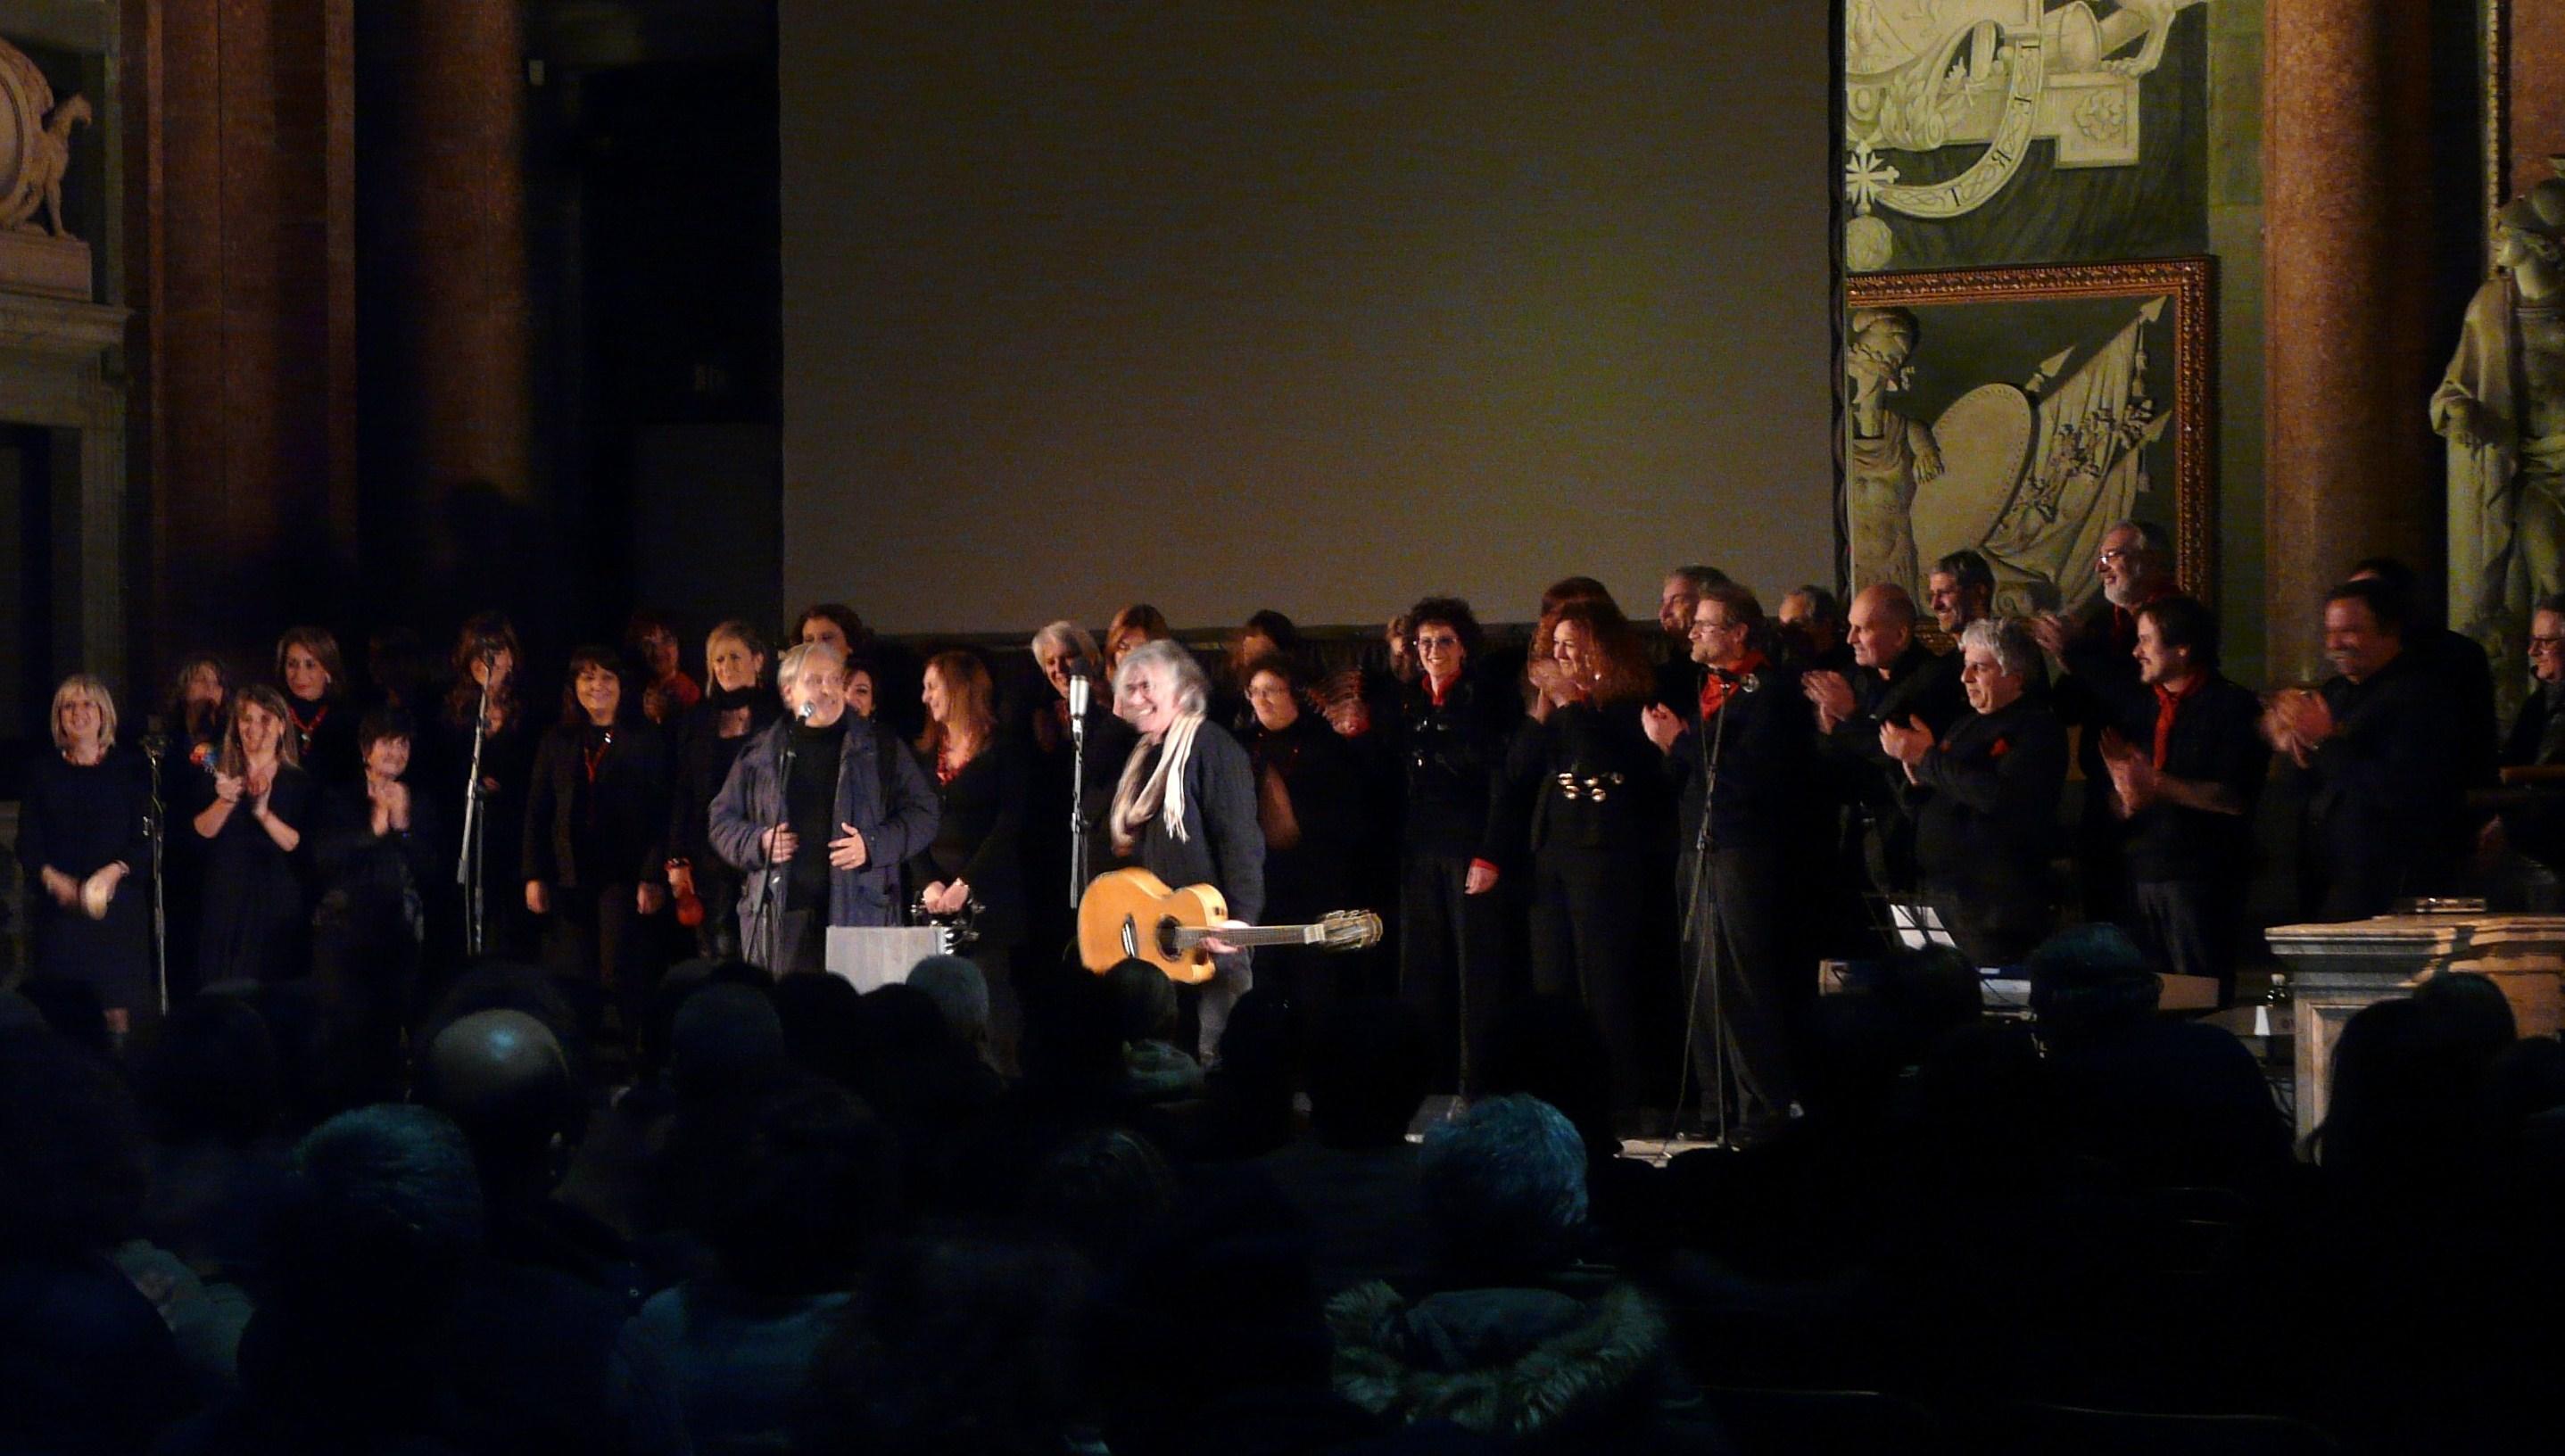 1 FEBBRAIO 2012 - PALAZZO DUCALE SALA MAGGIOR CONSIGLIO - CON GIAMPIERO ALLOISIO